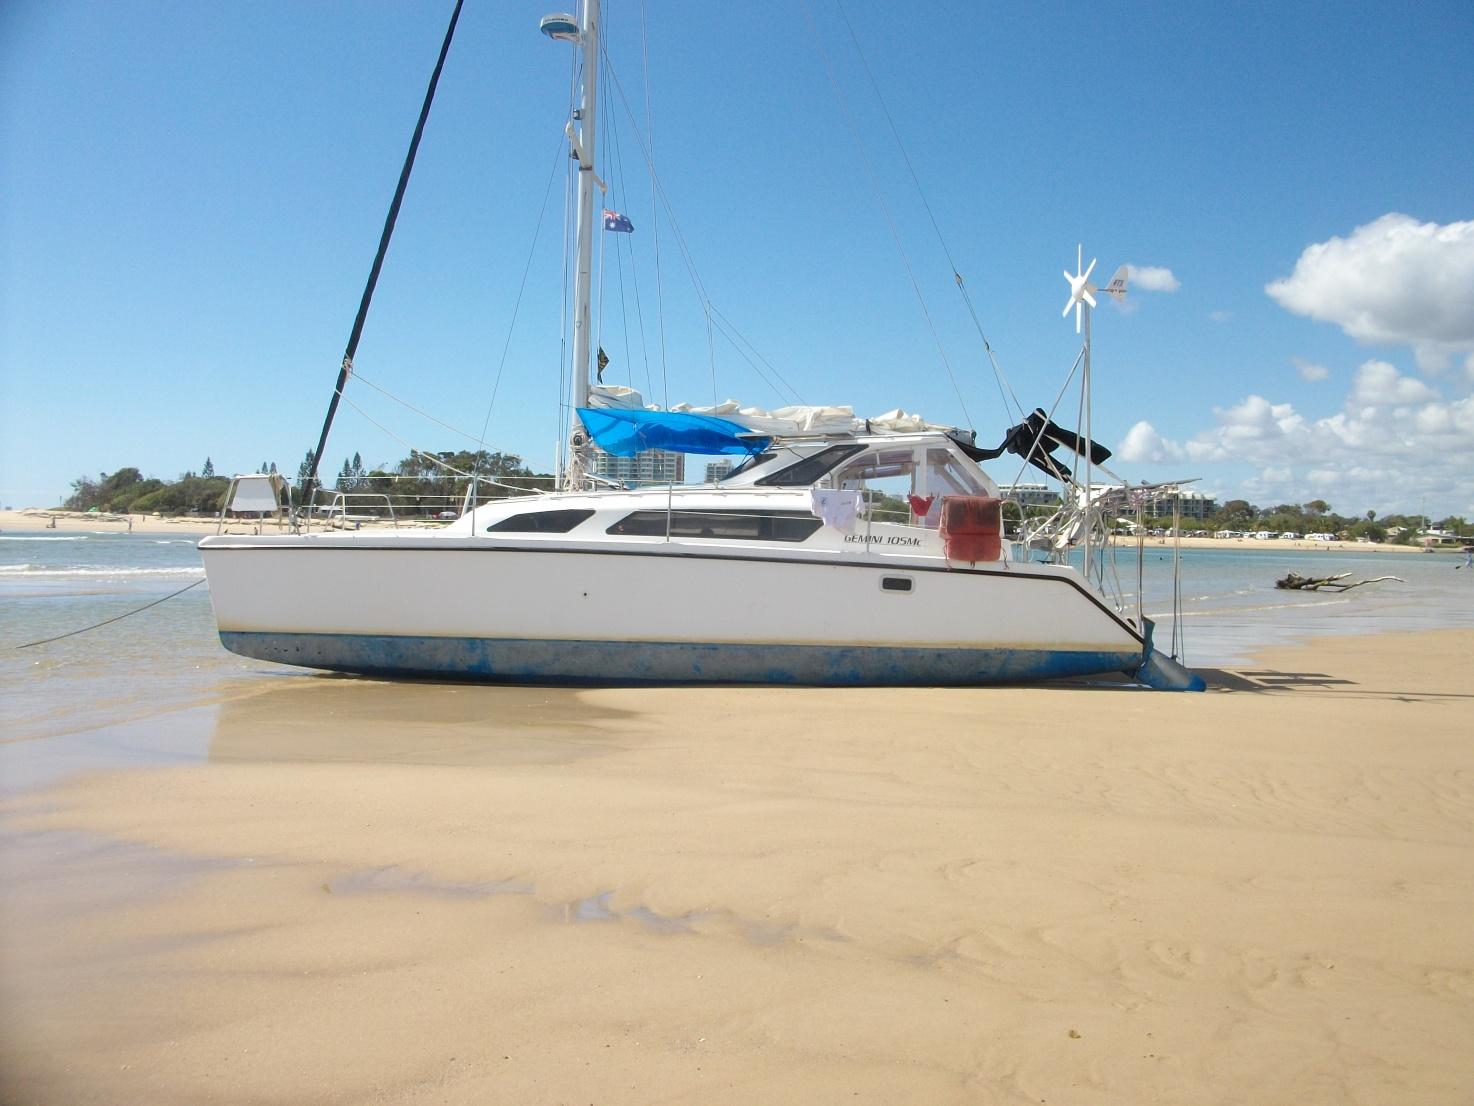 Click image for larger version  Name:Bundaberg Boat Wreck Nov 2011 026.jpg Views:249 Size:402.4 KB ID:36456